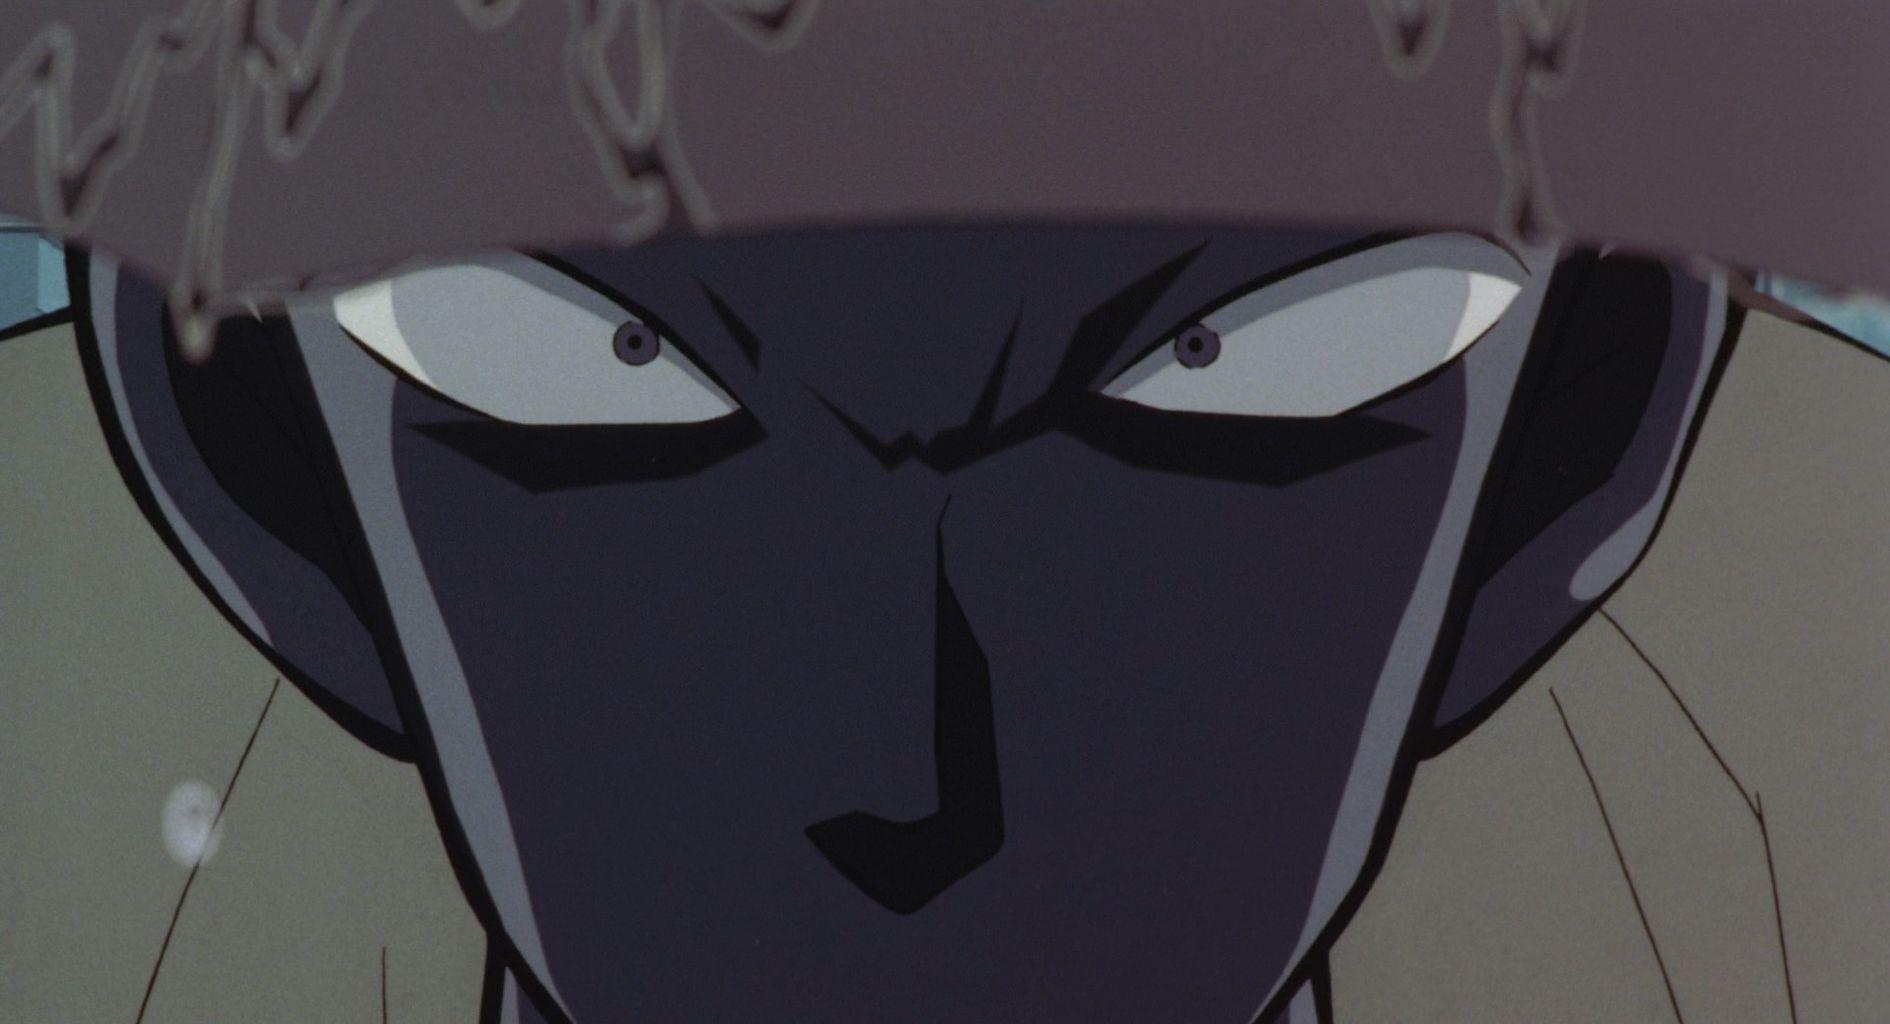 名探偵コナン 瞳の中の暗殺者の画像 p1_7